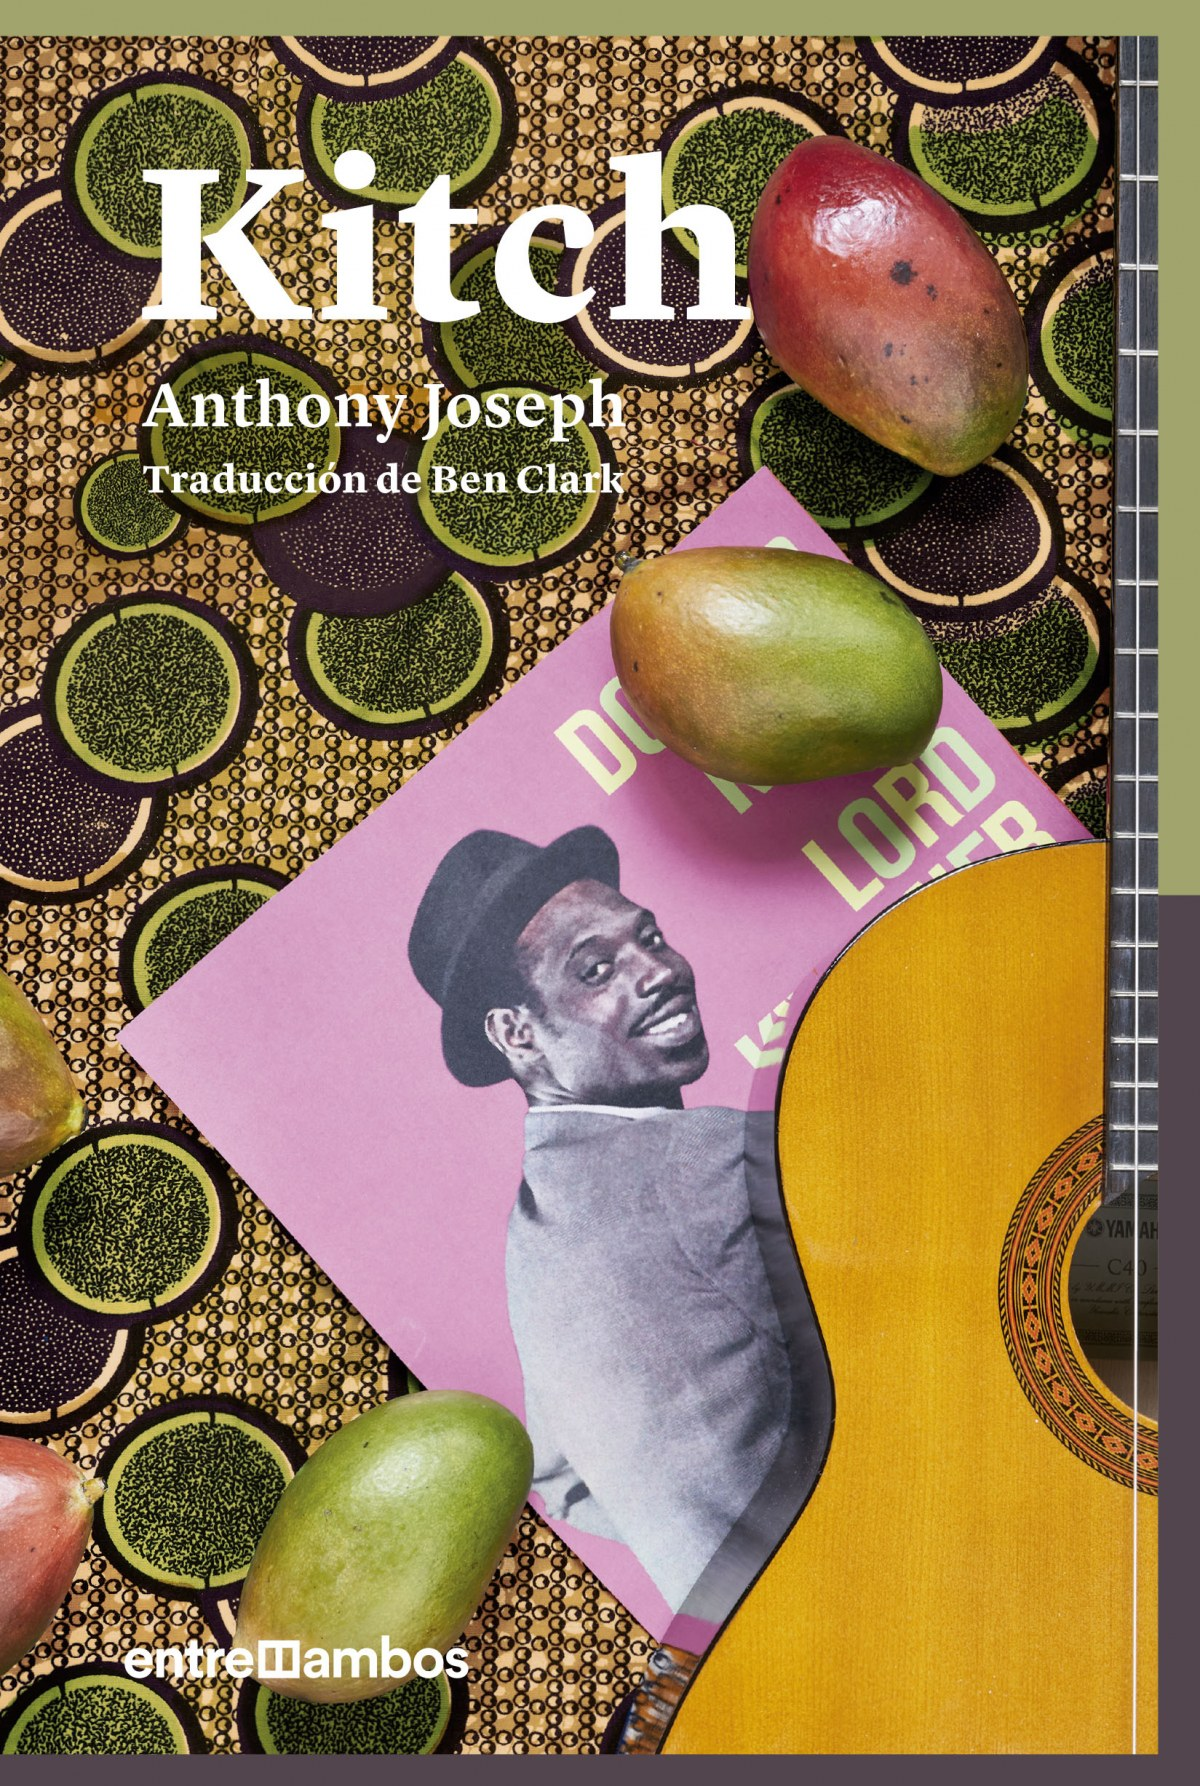 Kitch: Una biografía de ficción de un icono del calipso